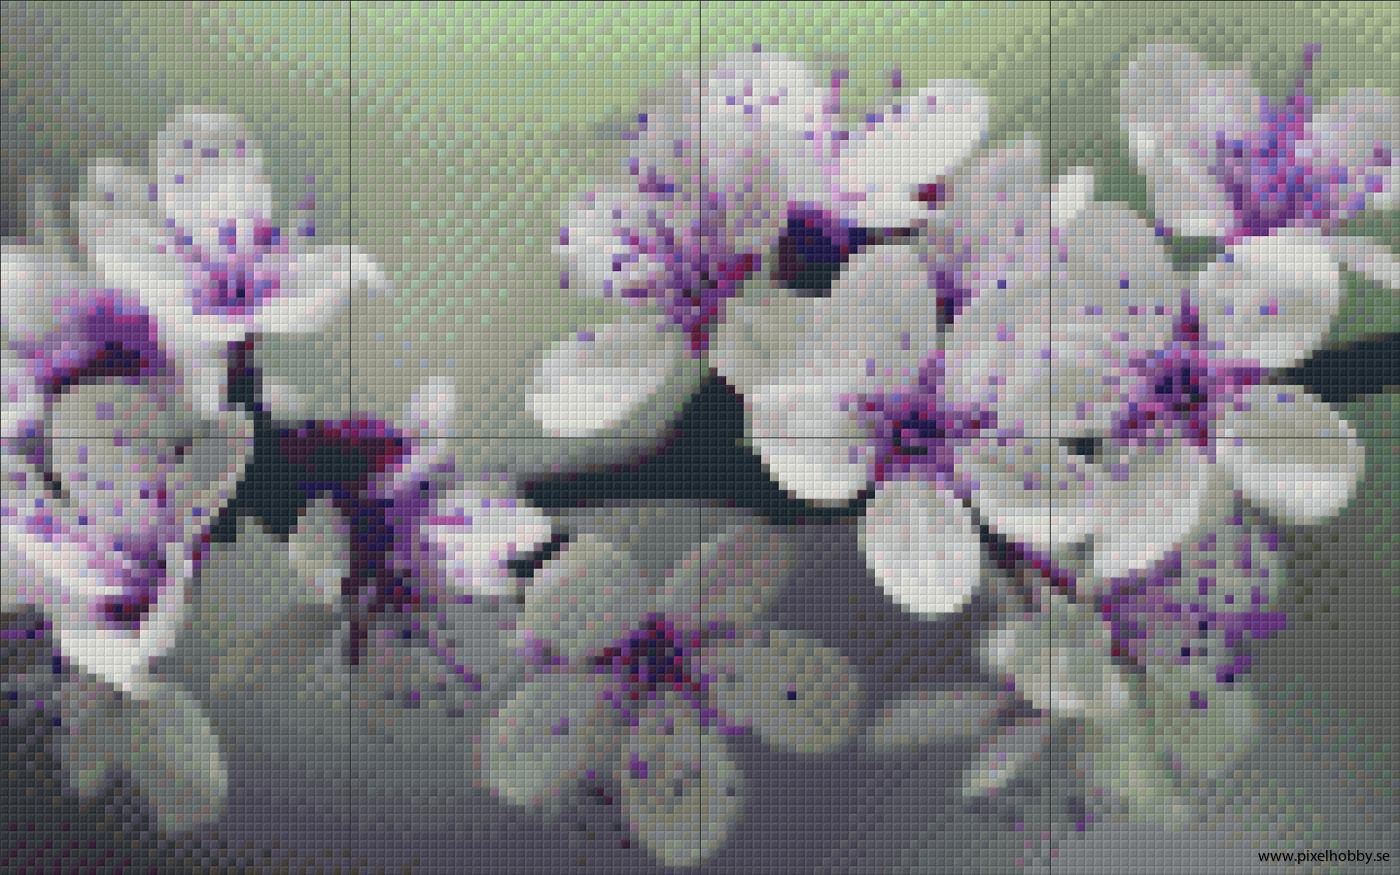 Blomster 8 rbp